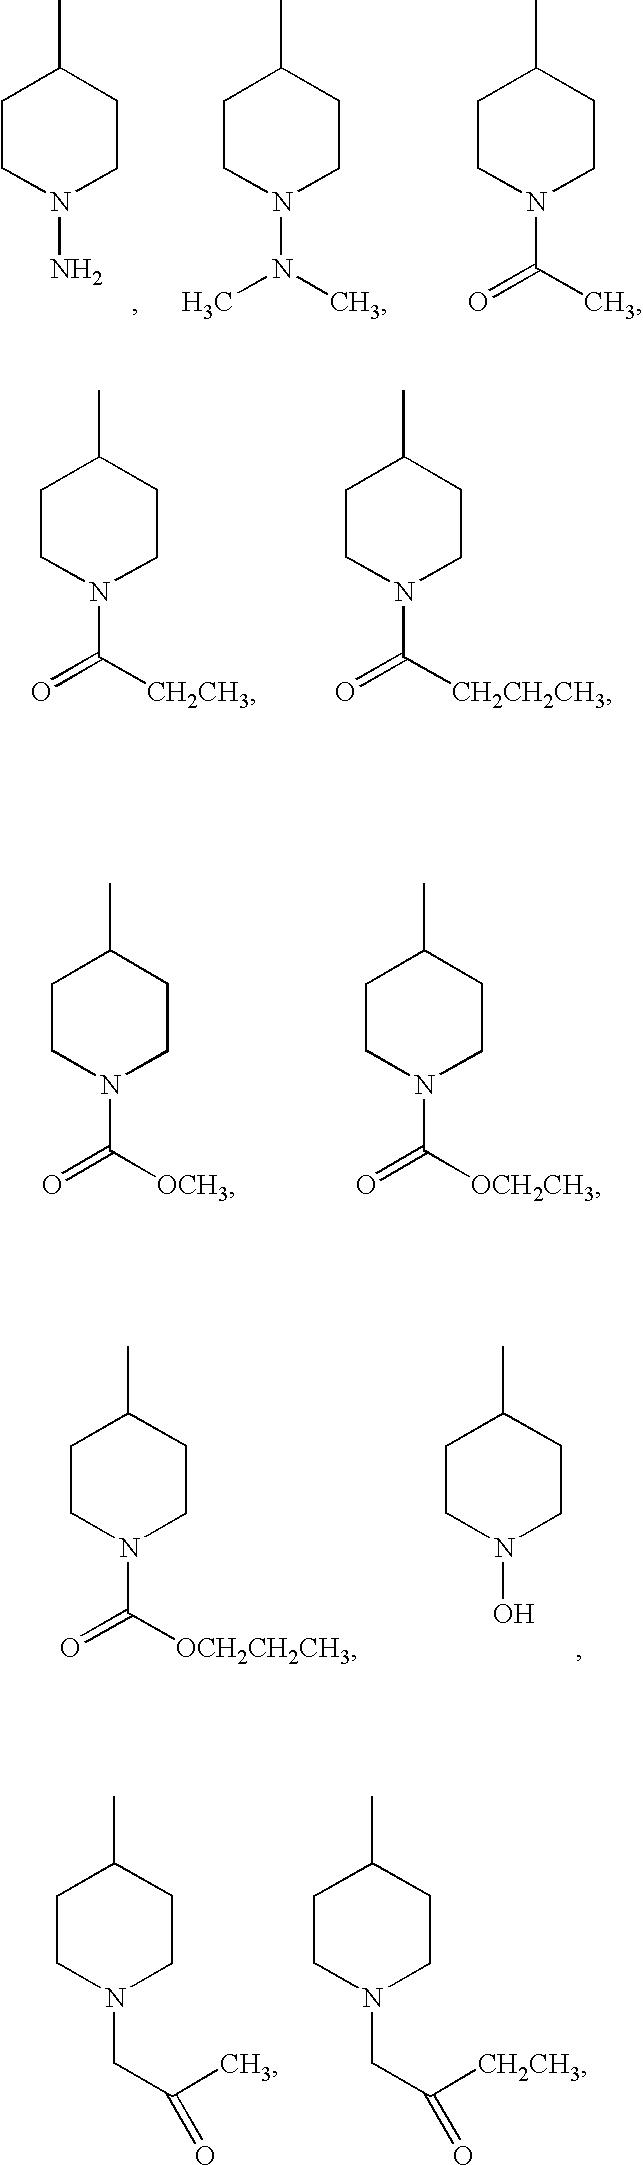 Figure US07112587-20060926-C00067